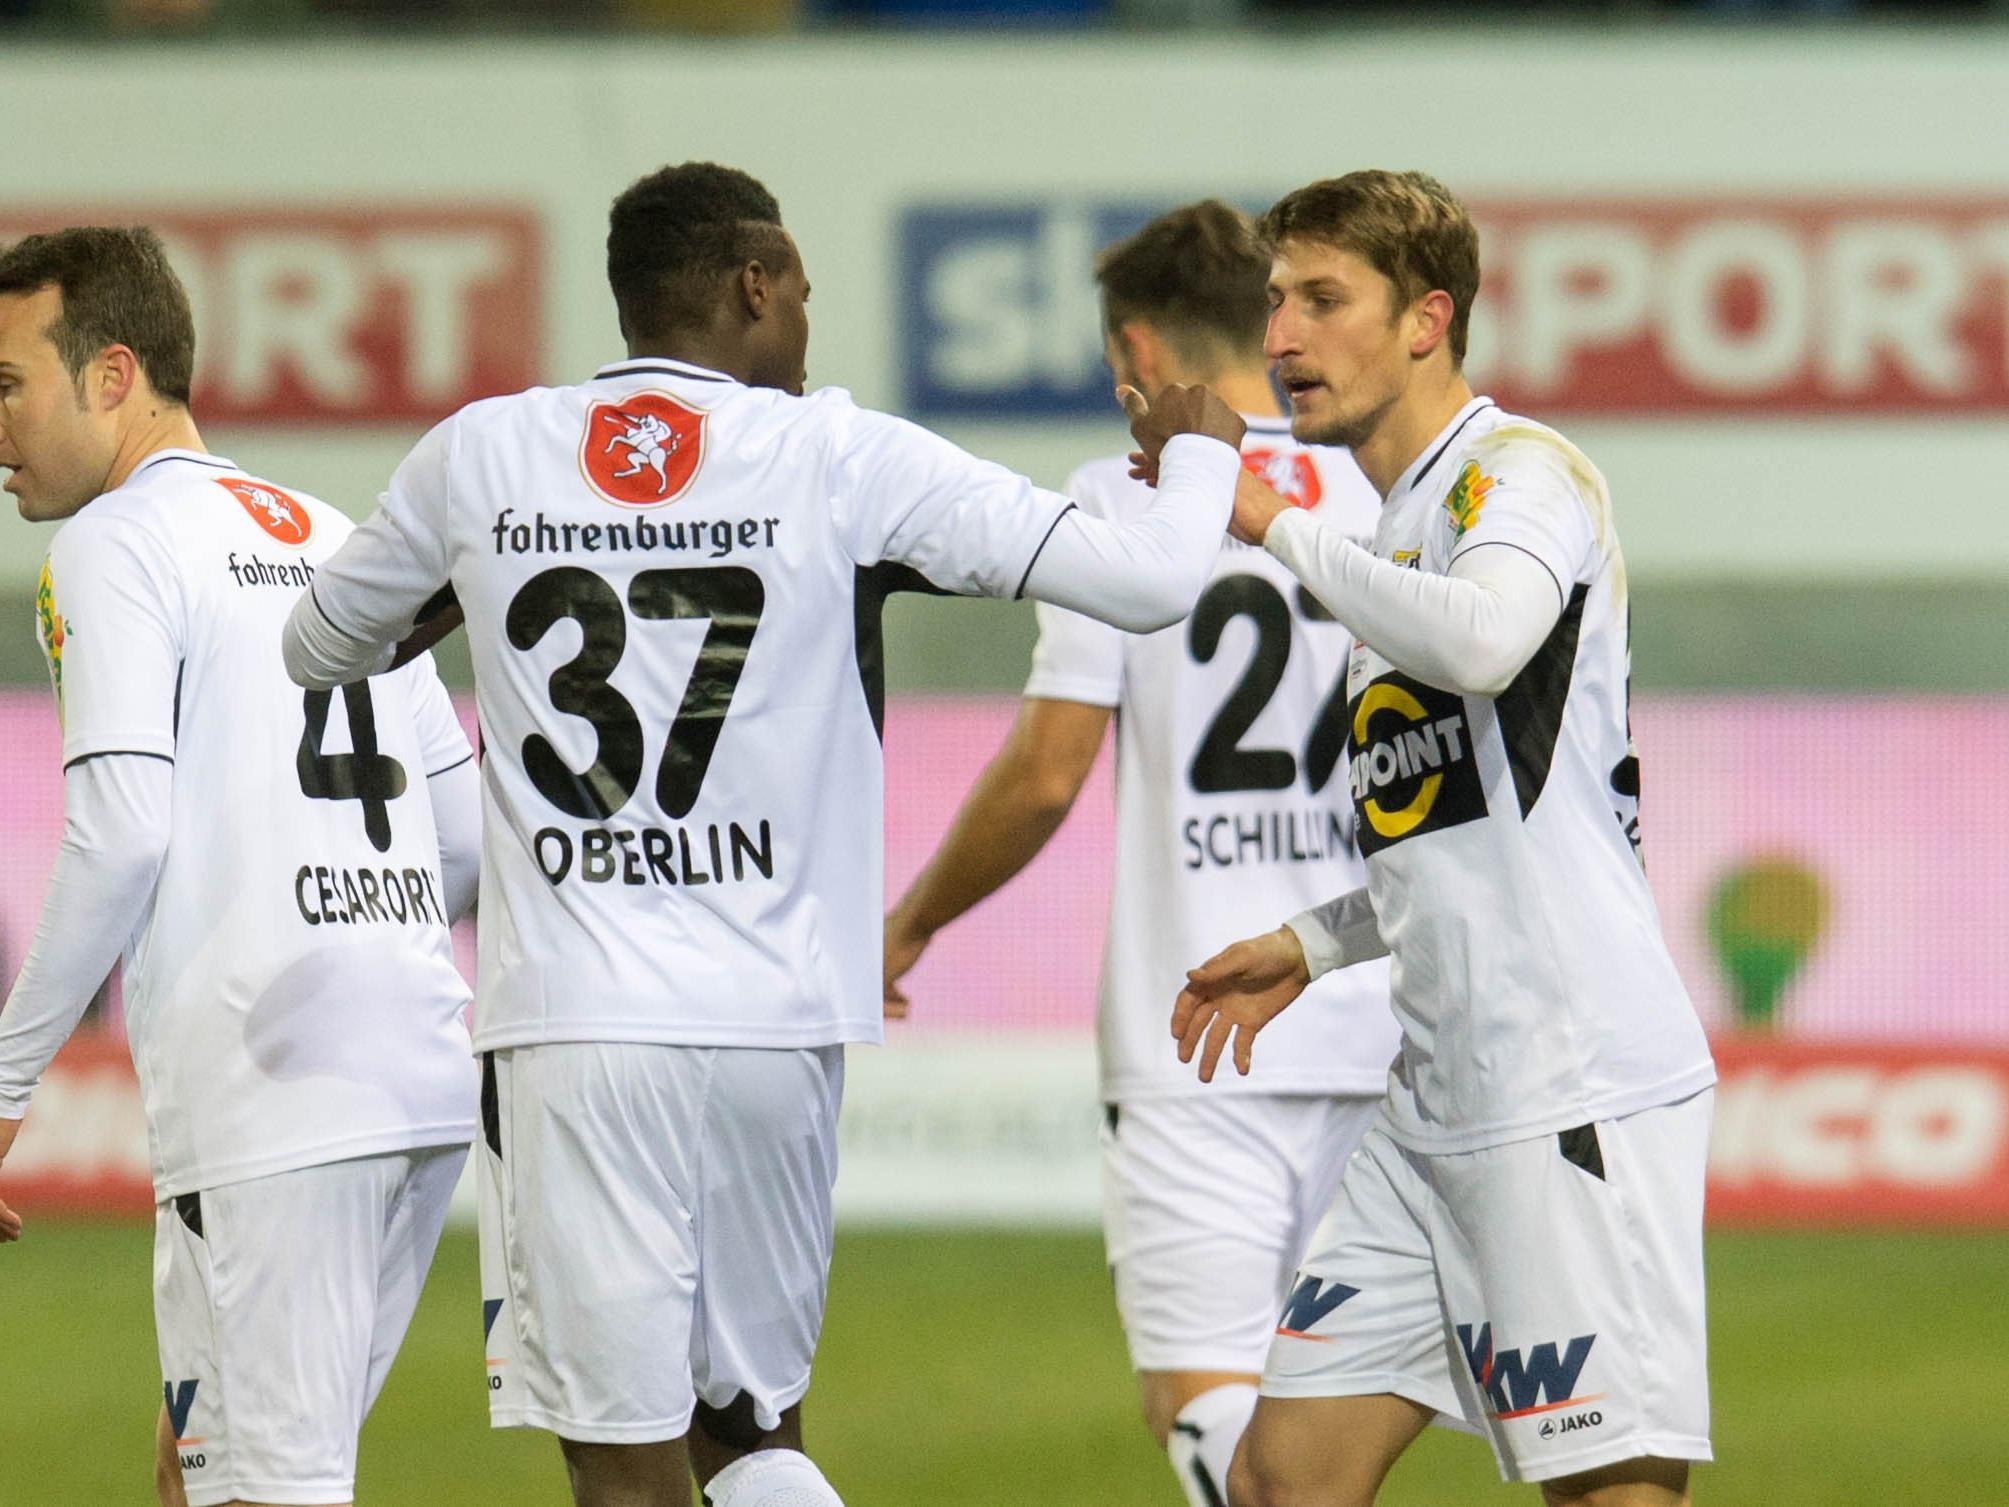 Der SCR Altach will als Tabellenführer der Bundesliga überwintern.